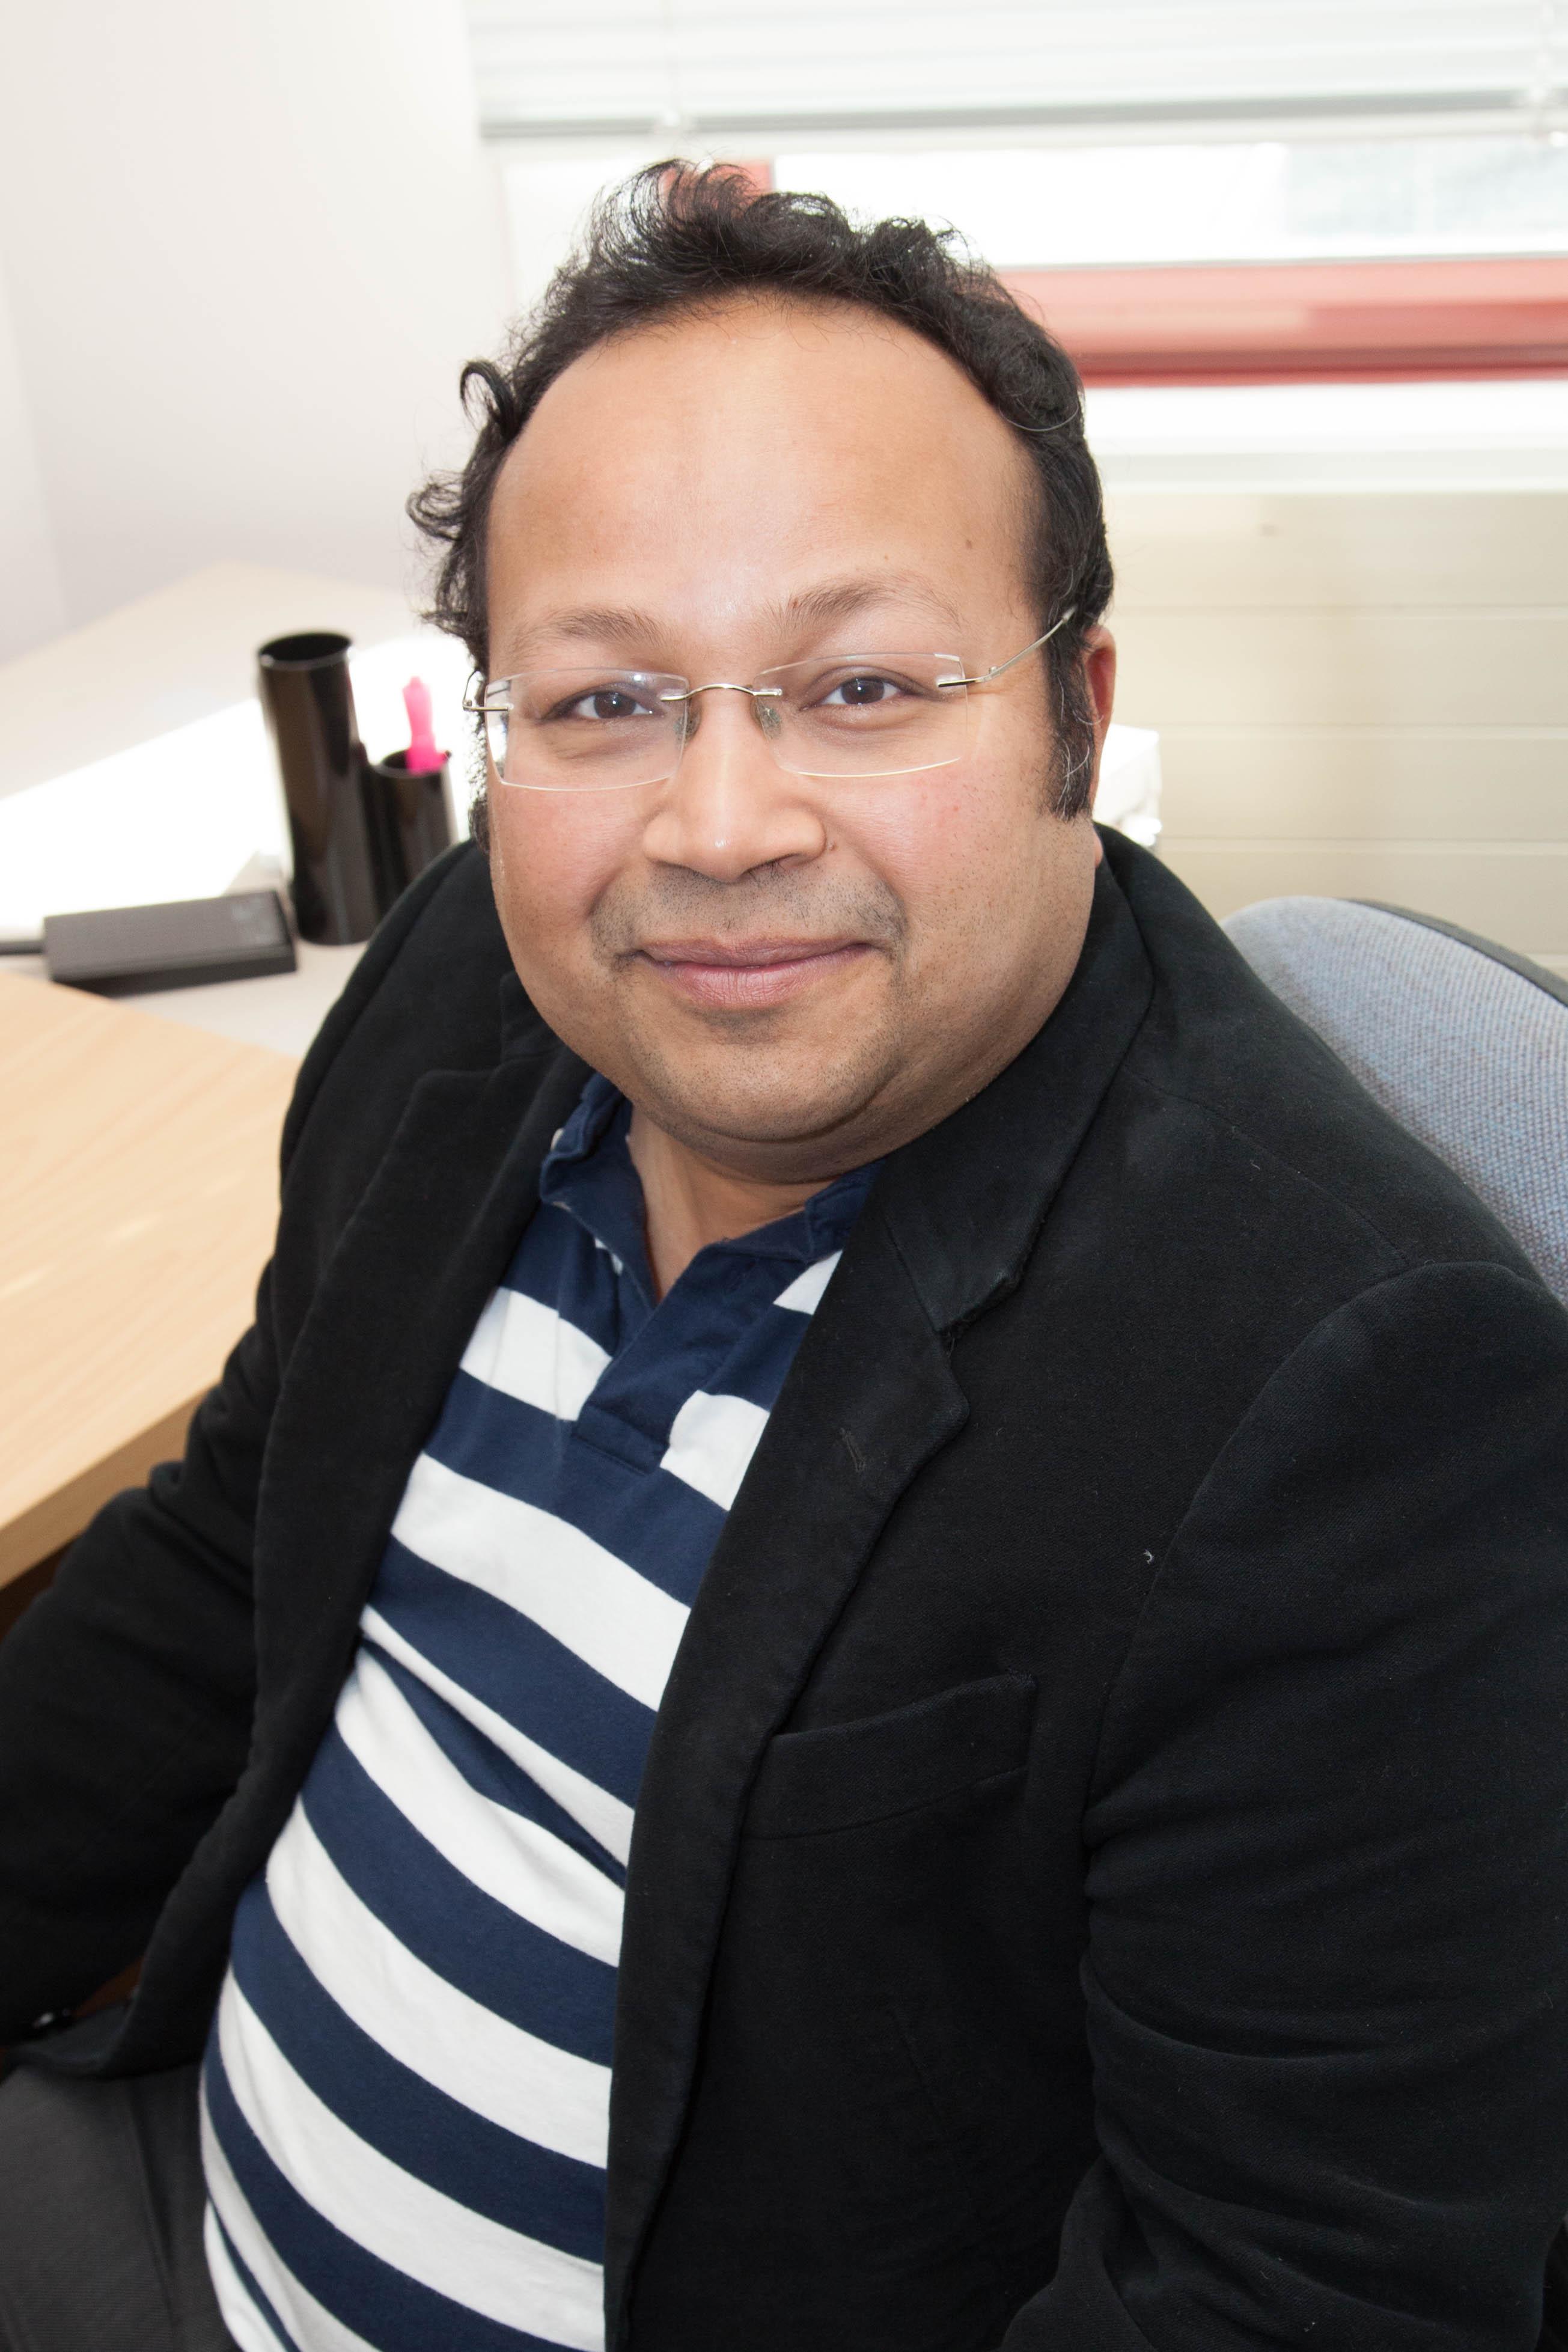 Bikram Chatterjee